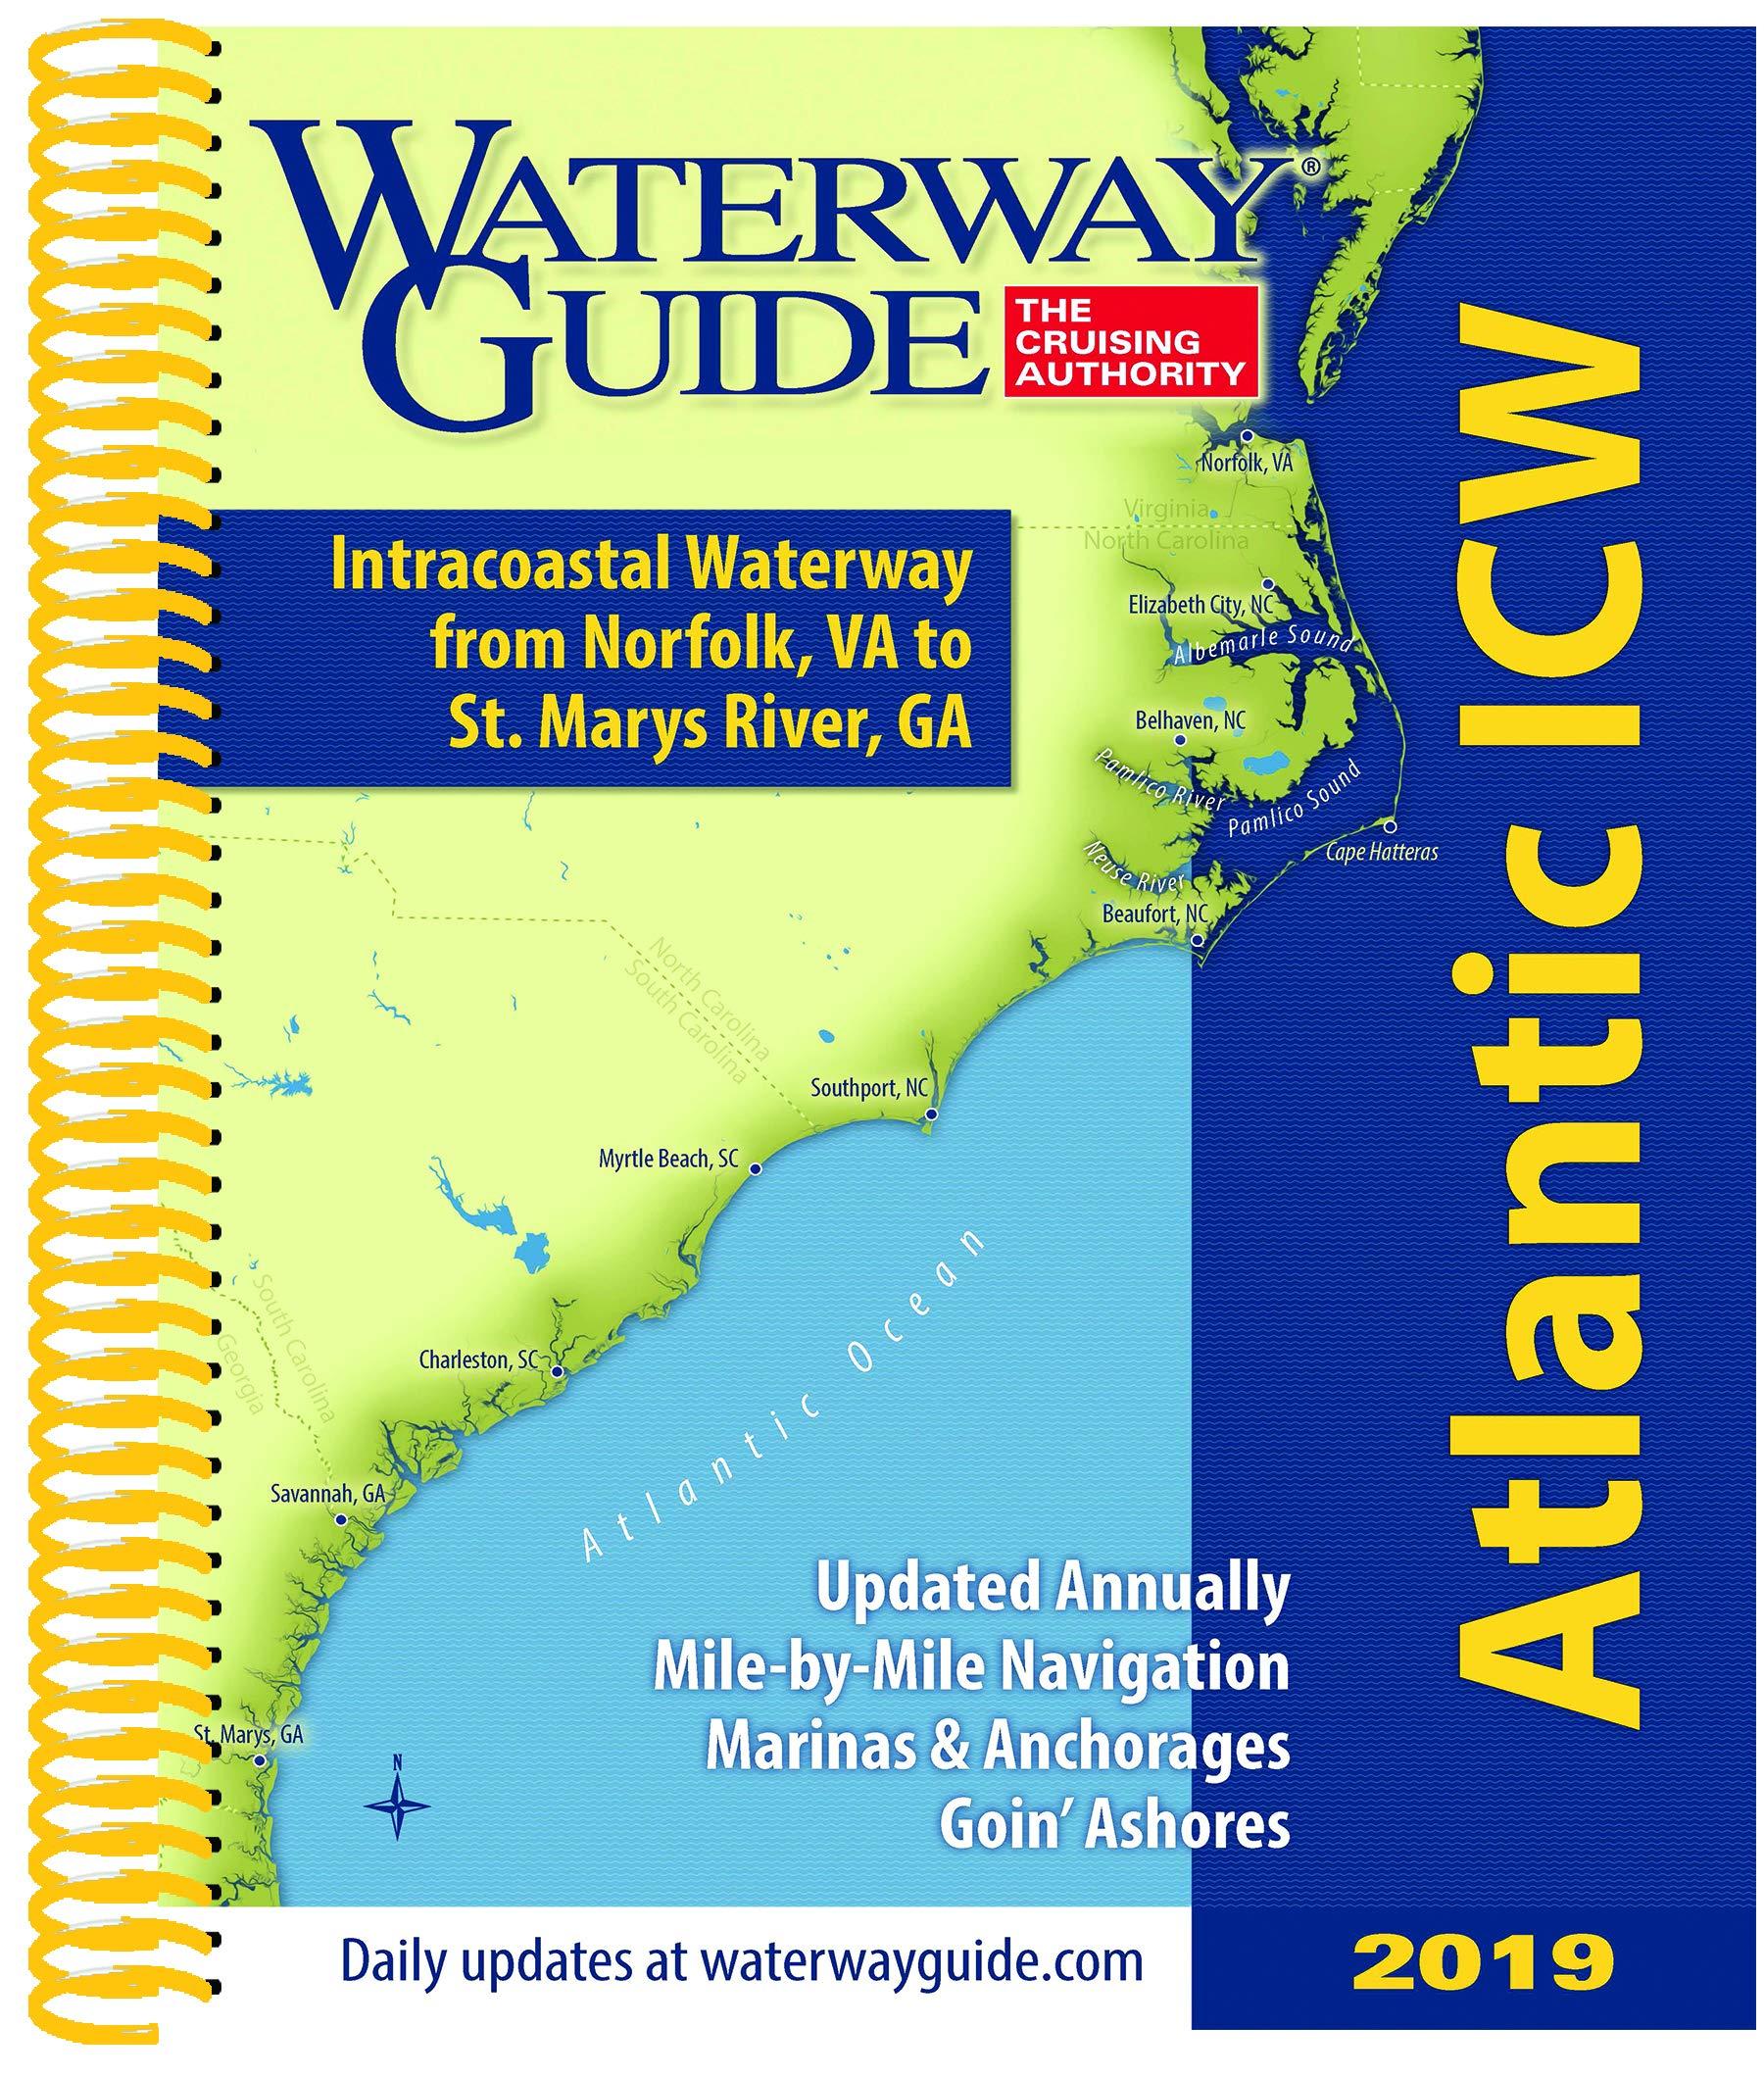 Waterway Guide Atlantic ICW 2019: Intracoastal Waterway: Norfolk, Va to St. Johns River, Fl by Waterway Guide